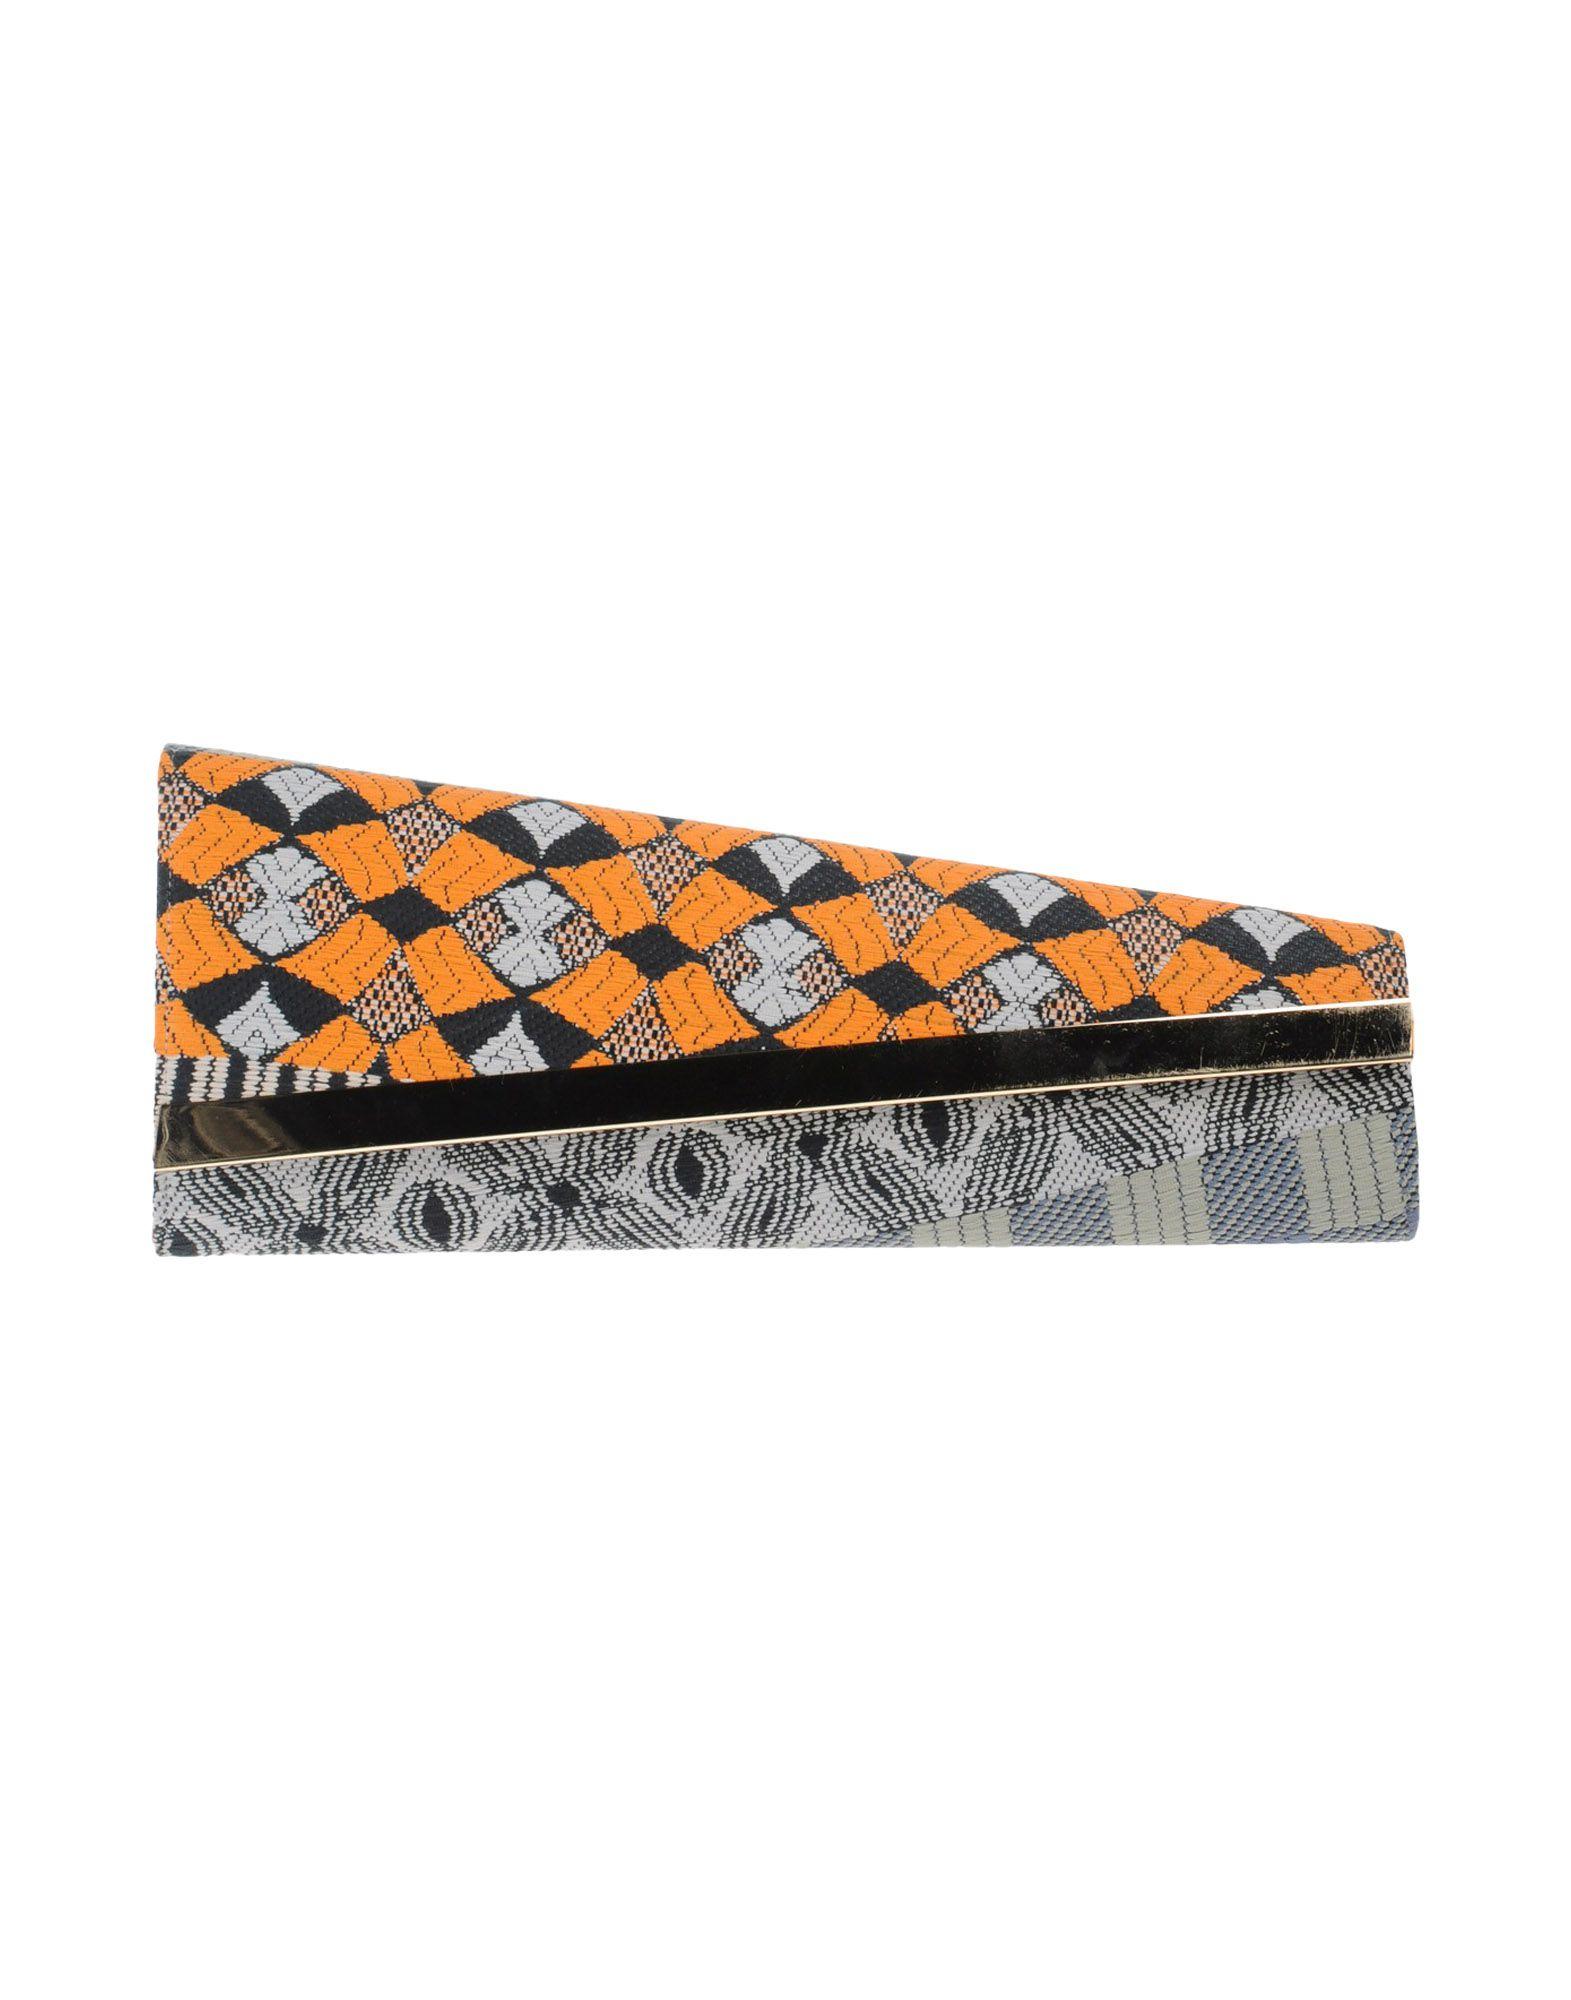 《期間限定セール中》OUI, ODILE! レディース ハンドバッグ オレンジ 紡績繊維